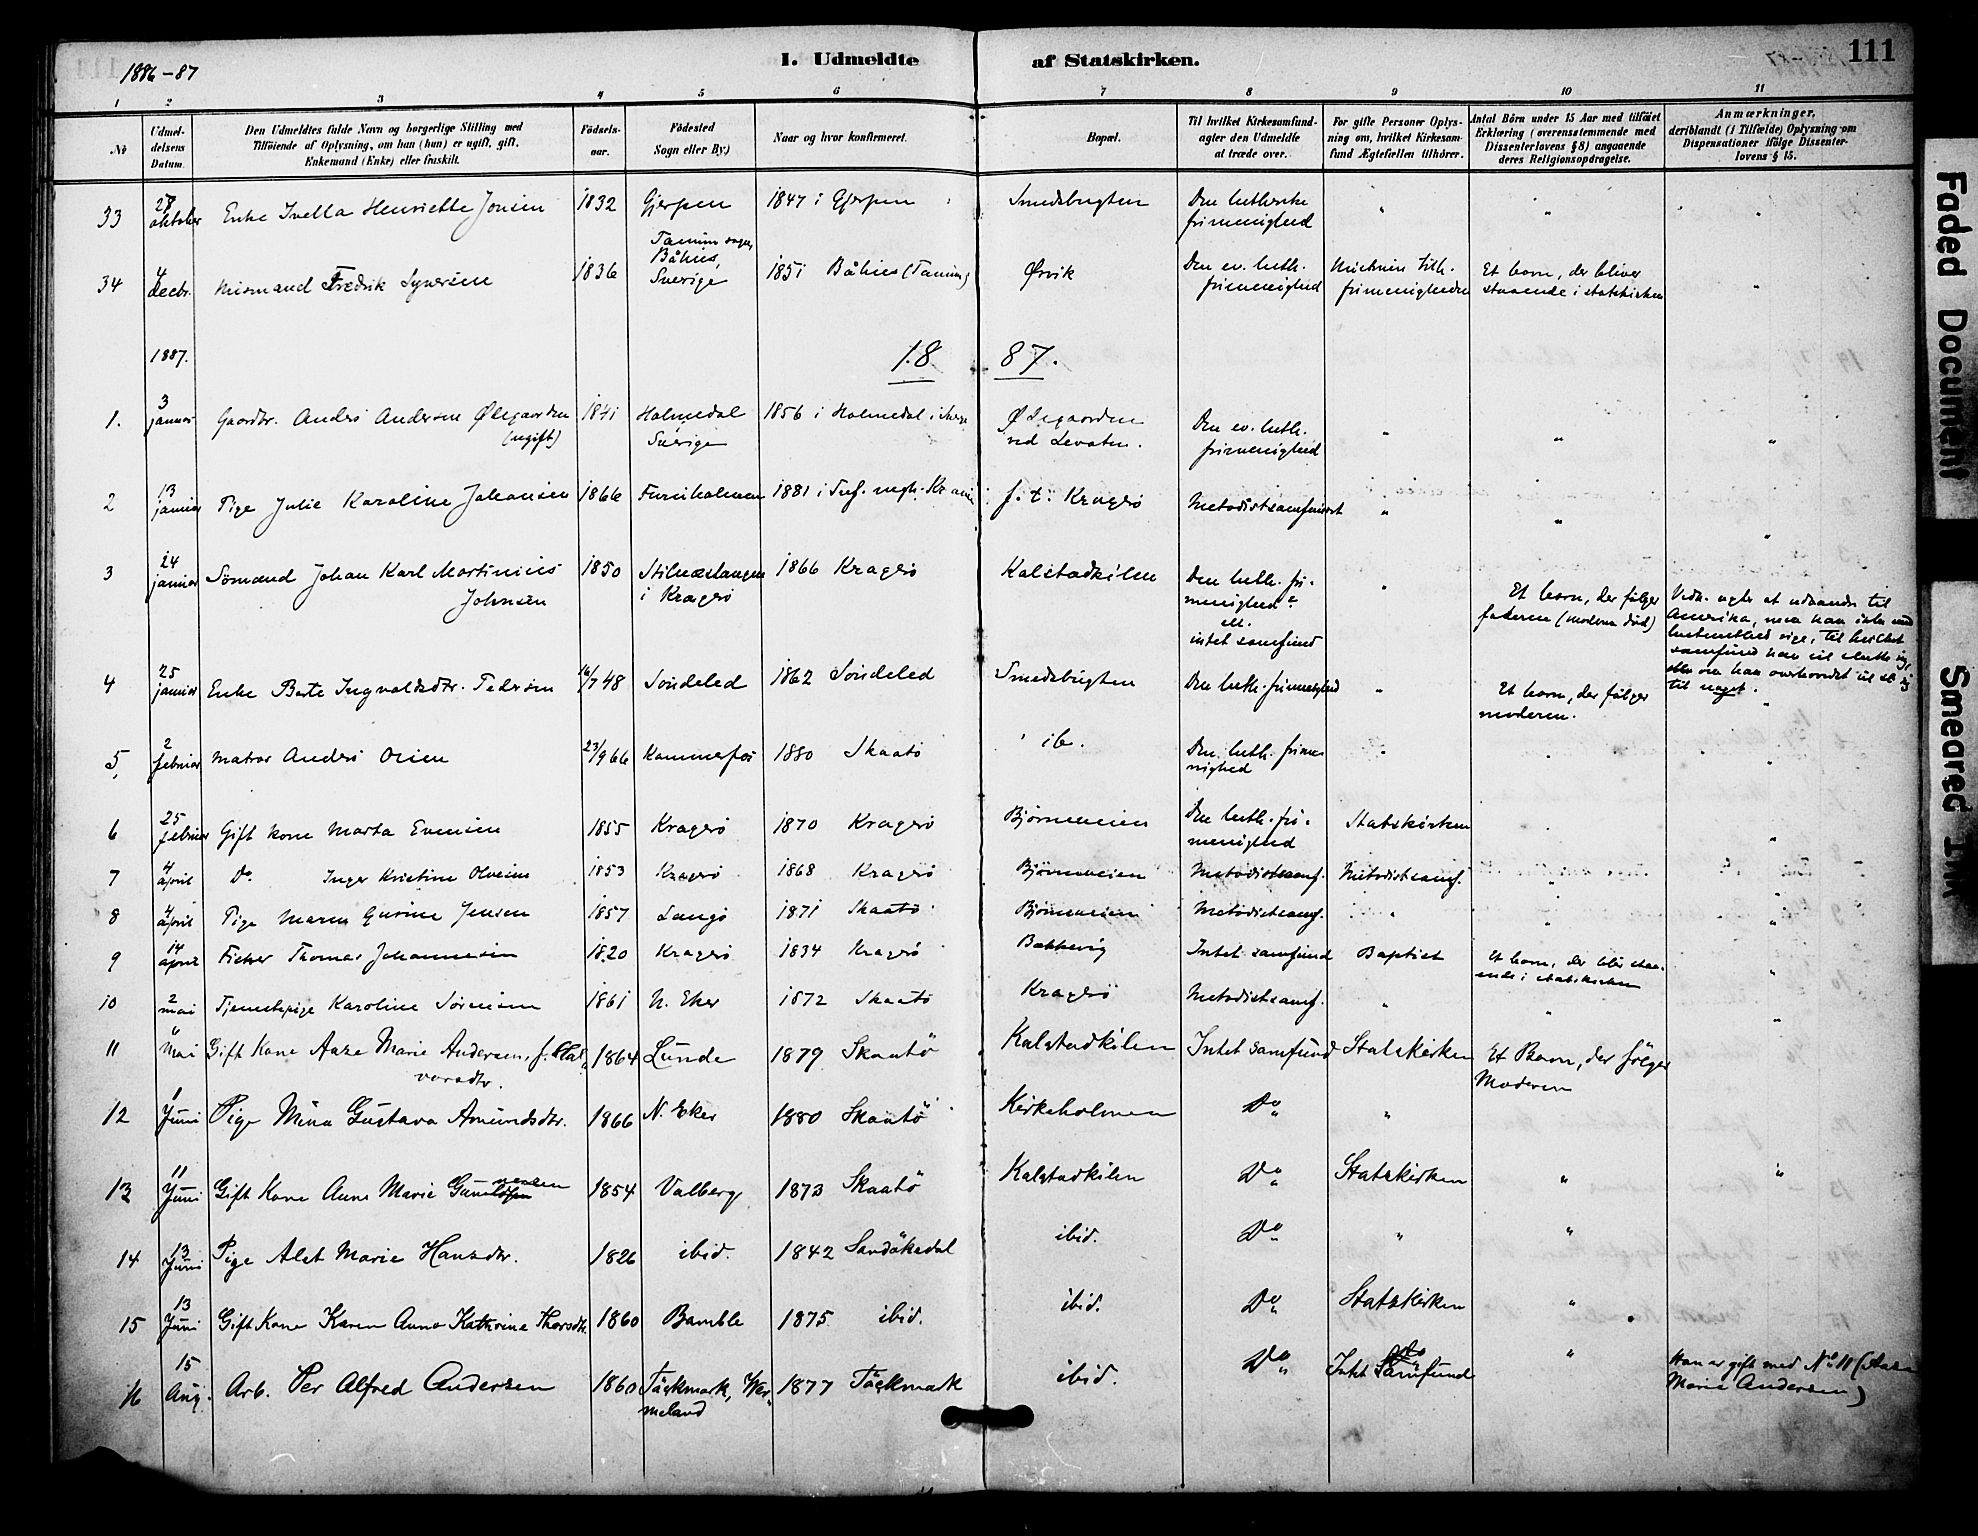 SAKO, Skåtøy kirkebøker, F/Fa/L0004: Ministerialbok nr. I 4, 1884-1900, s. 111